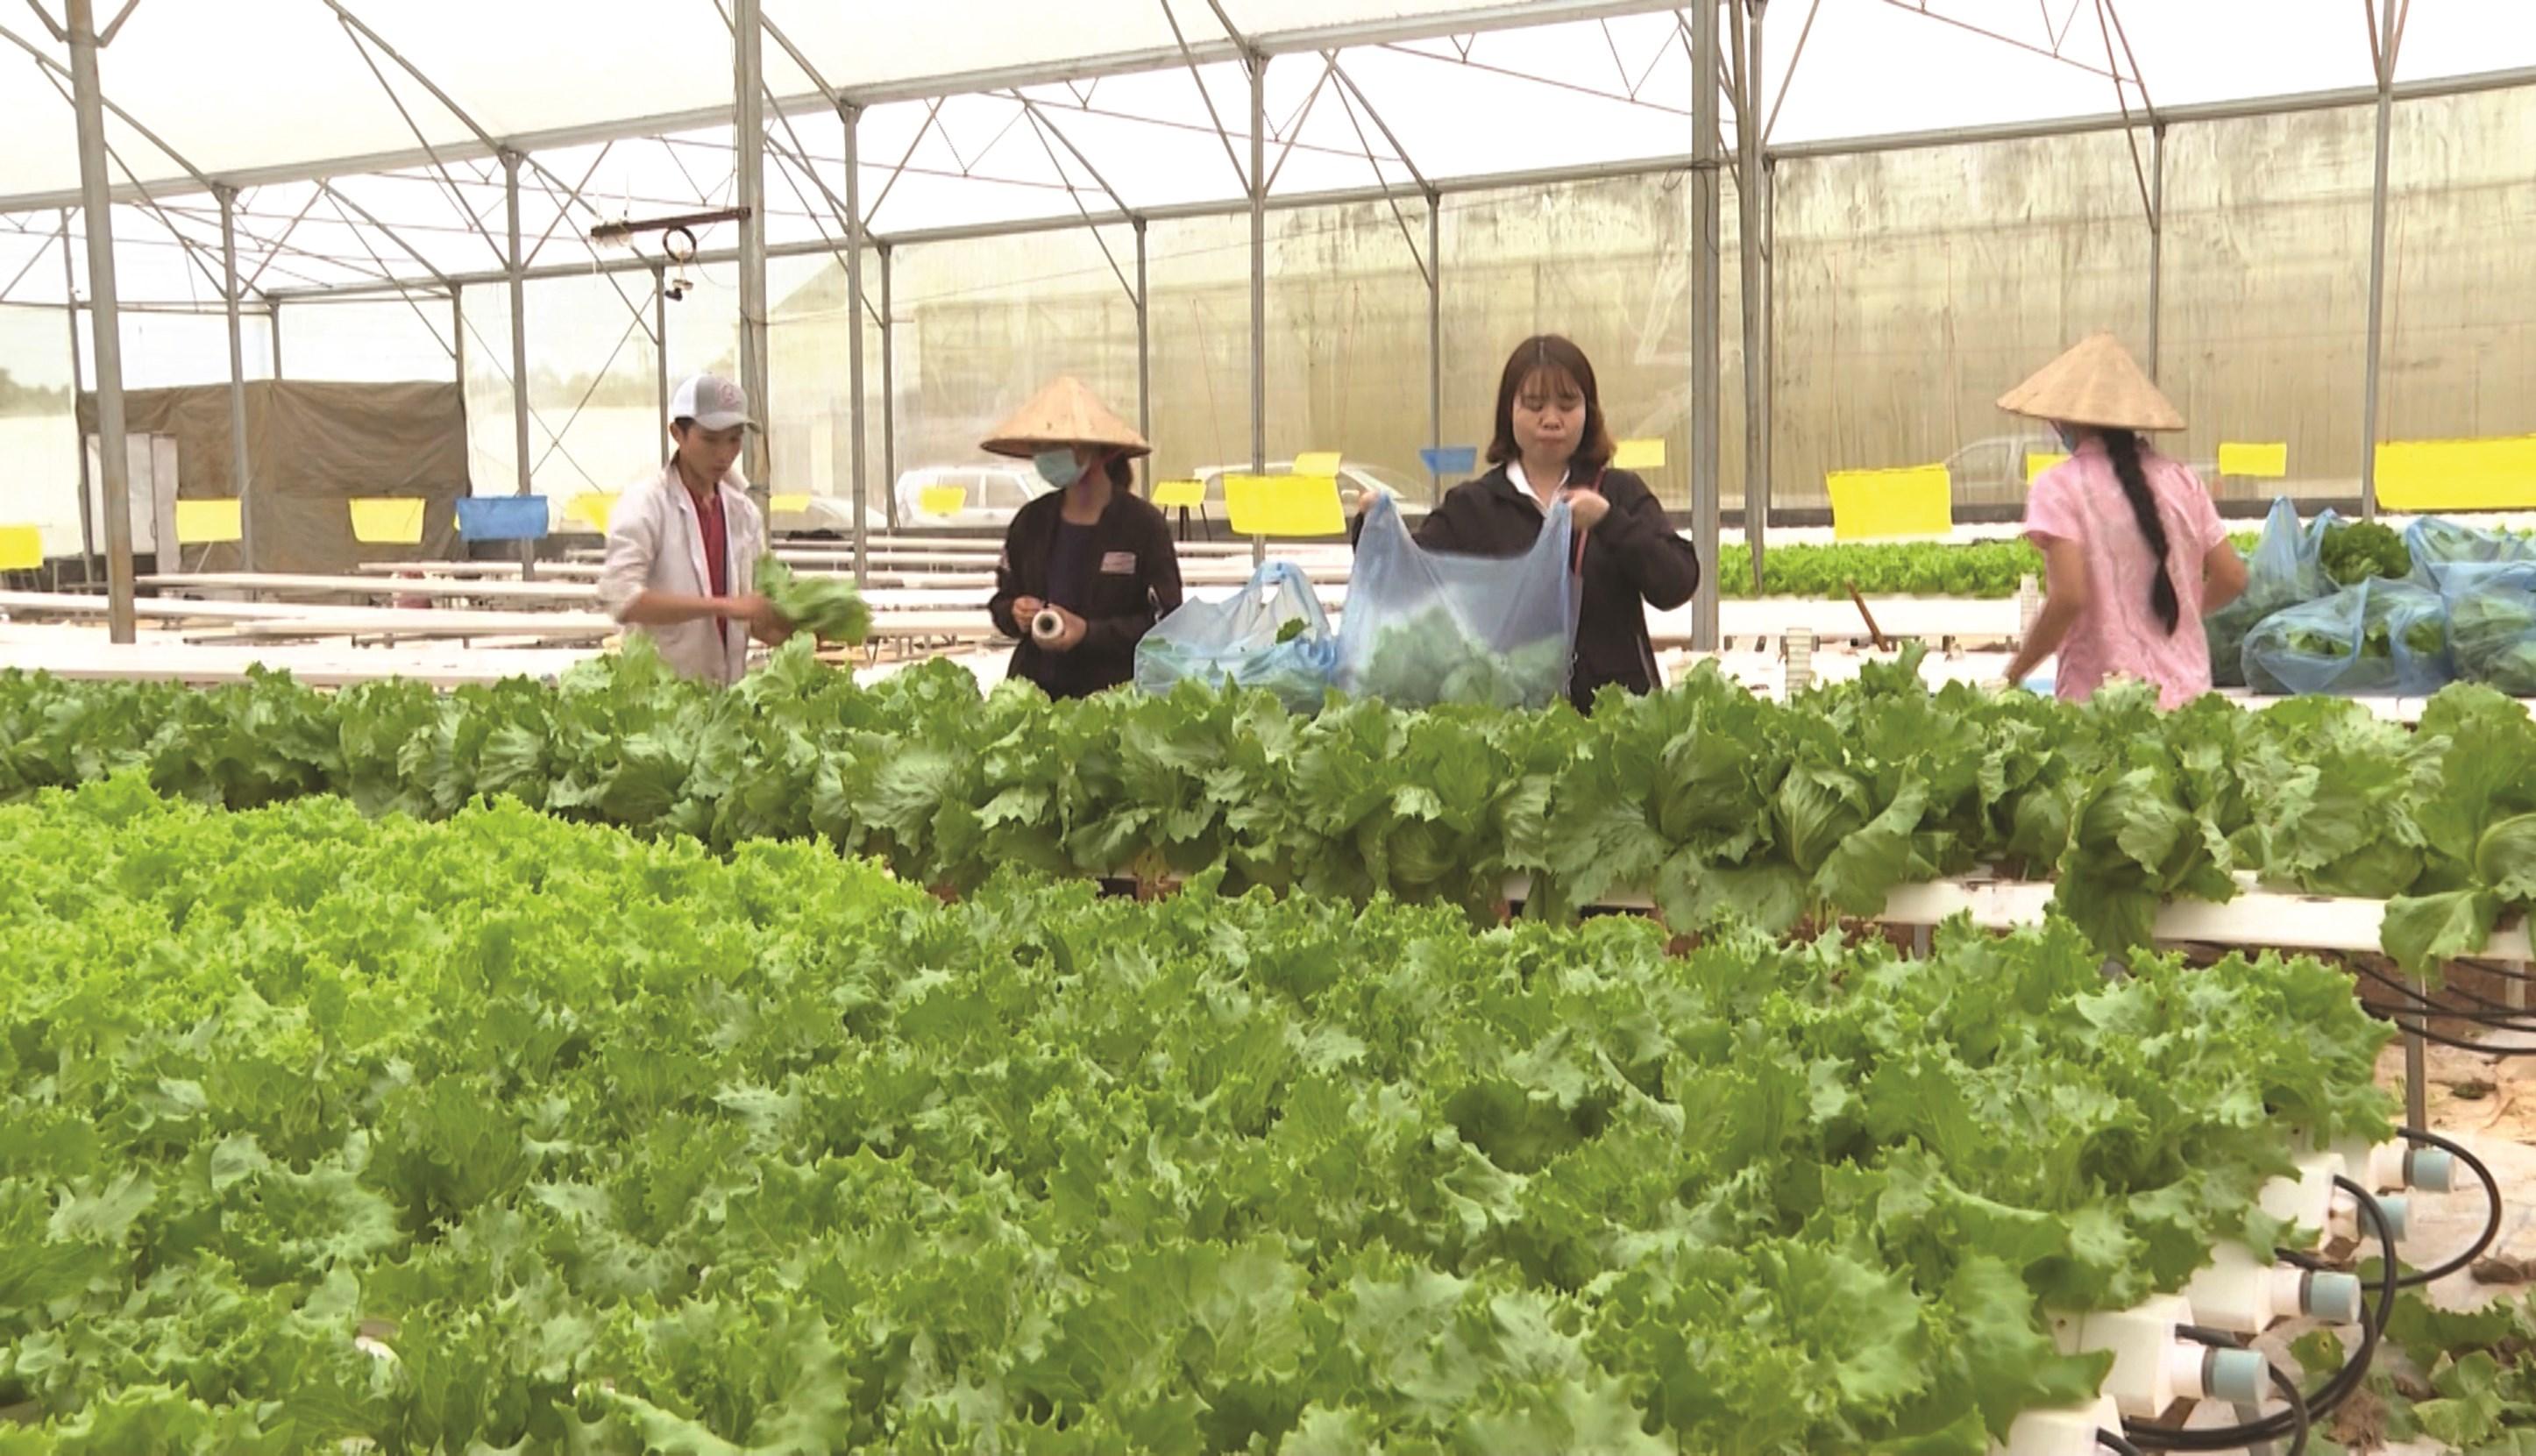 Mô hình trồng rau an toàn tại Khu nông nghiệp ứng dụng CNC Măng Đen, huyện Kon Plông, Kon Tum